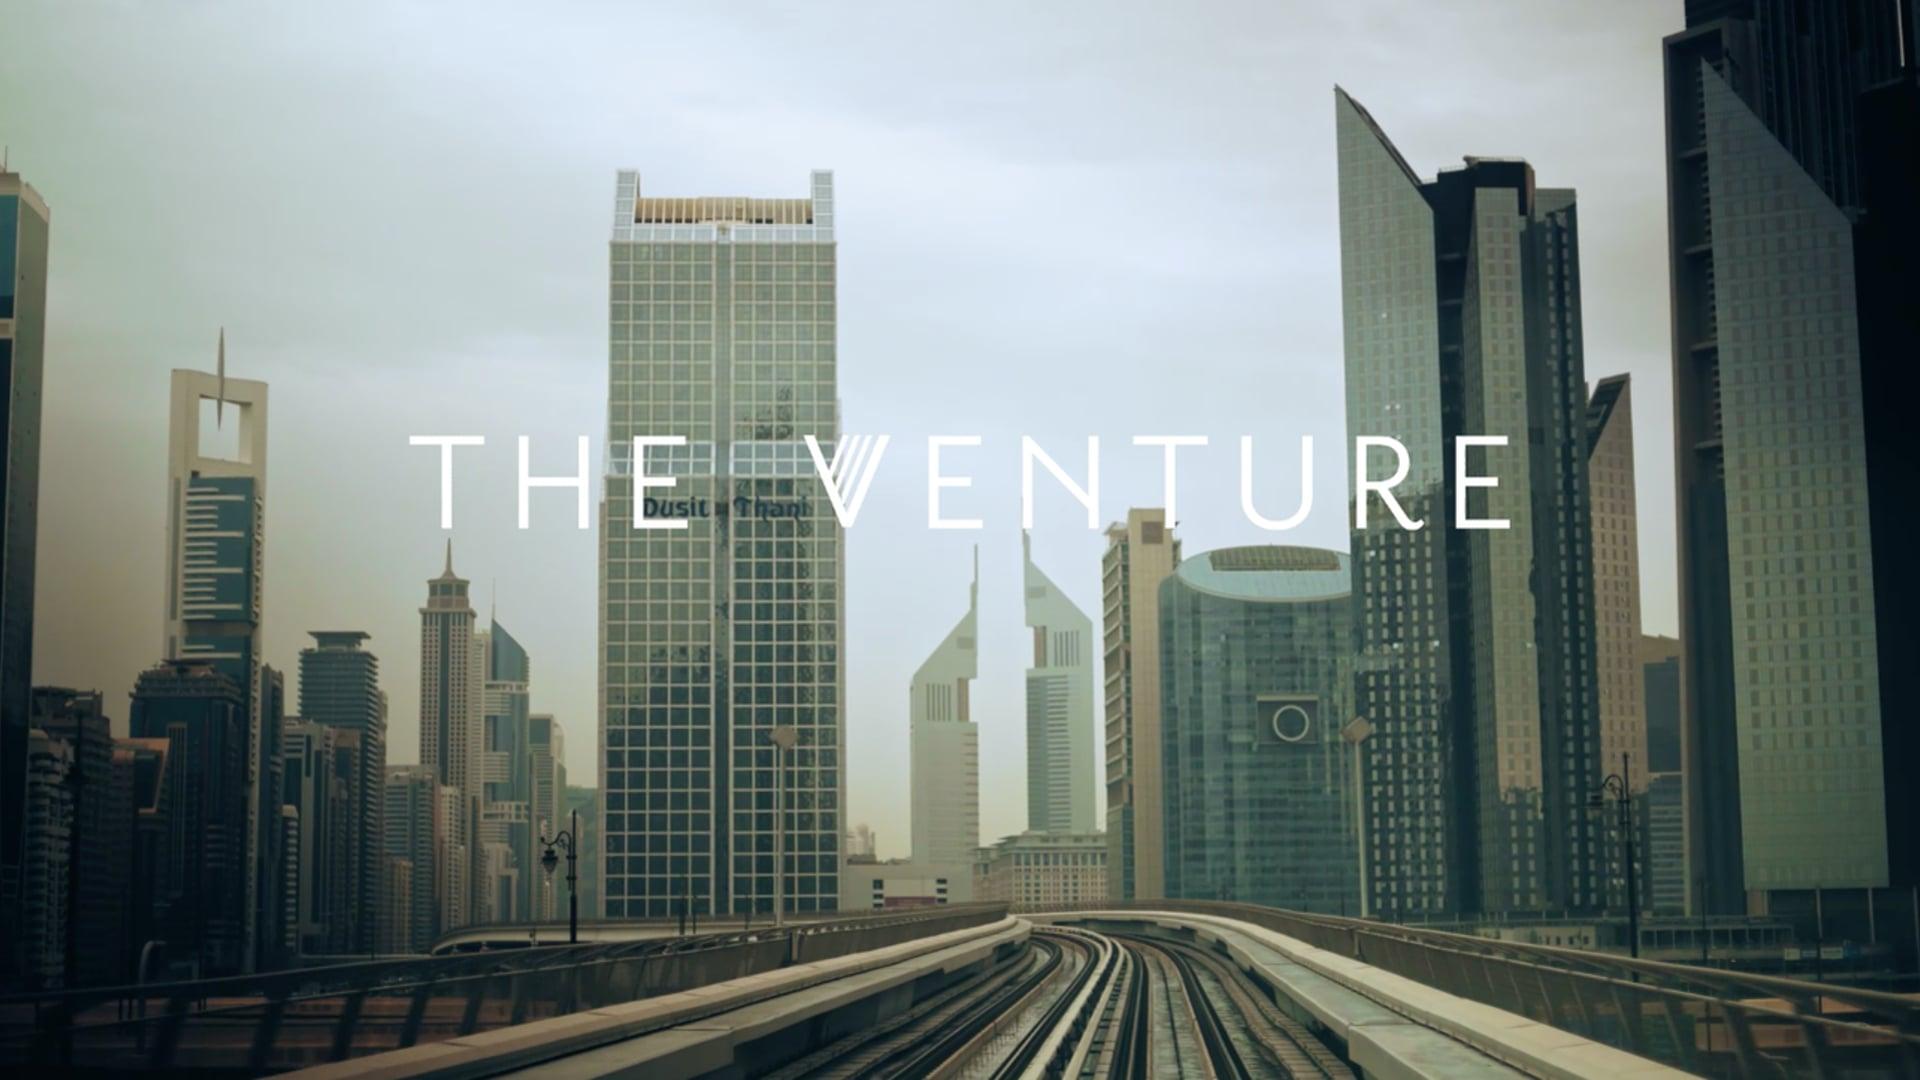 Co-DIRECTOR | CHIVAS VENTURE - NOW MONEY